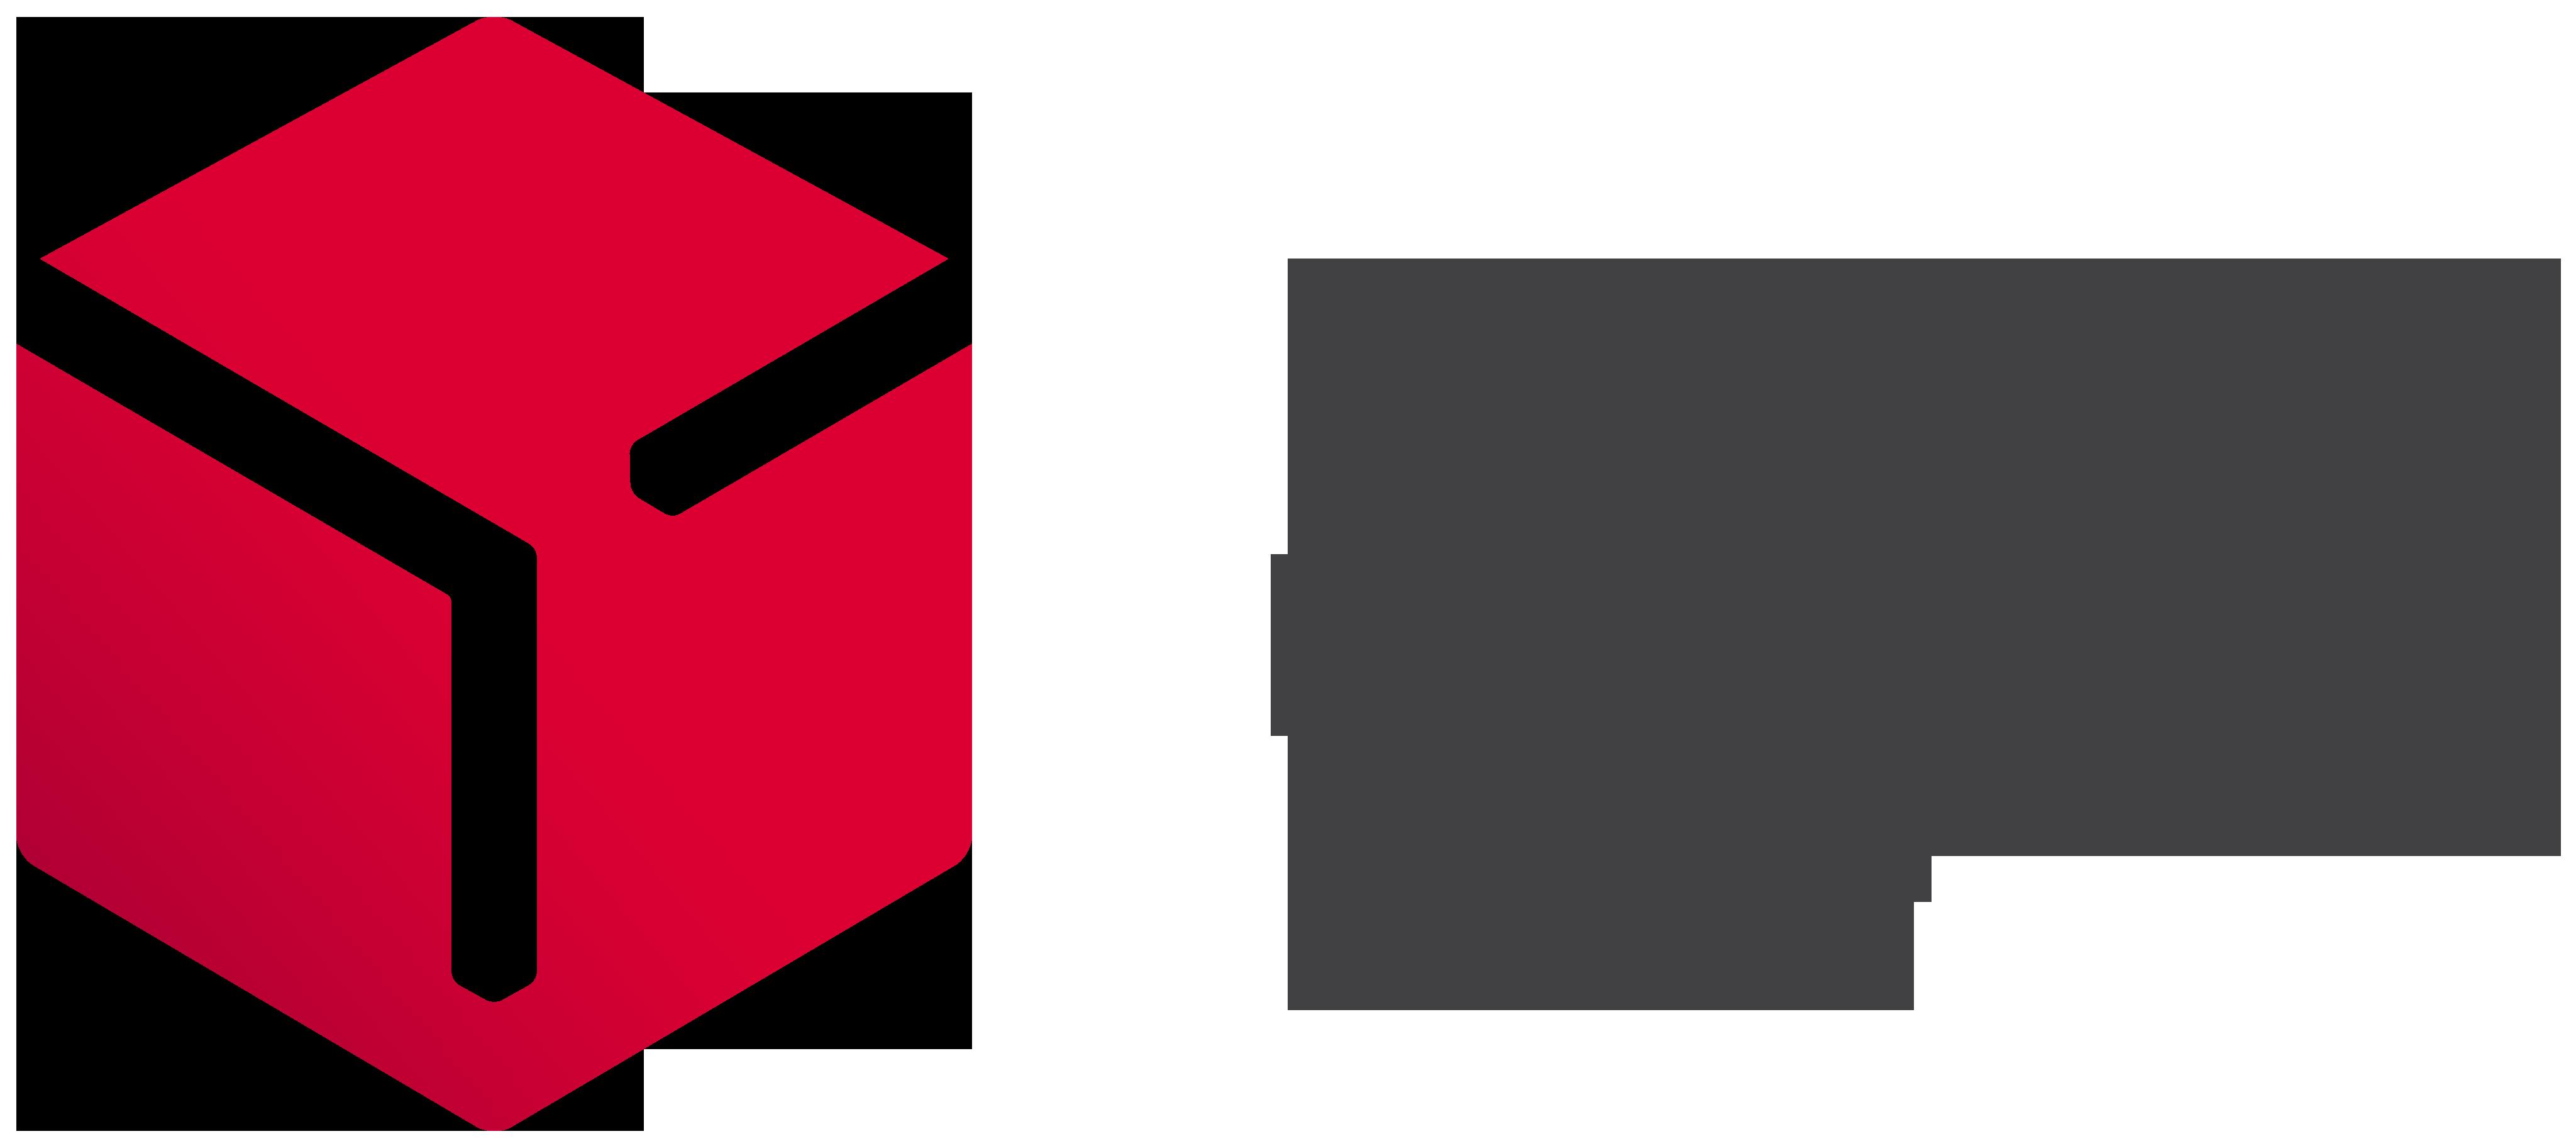 pracownia kreska - drukarnia - dostawa zamówień DPD - przesyłki kurierskie na terenie Polski